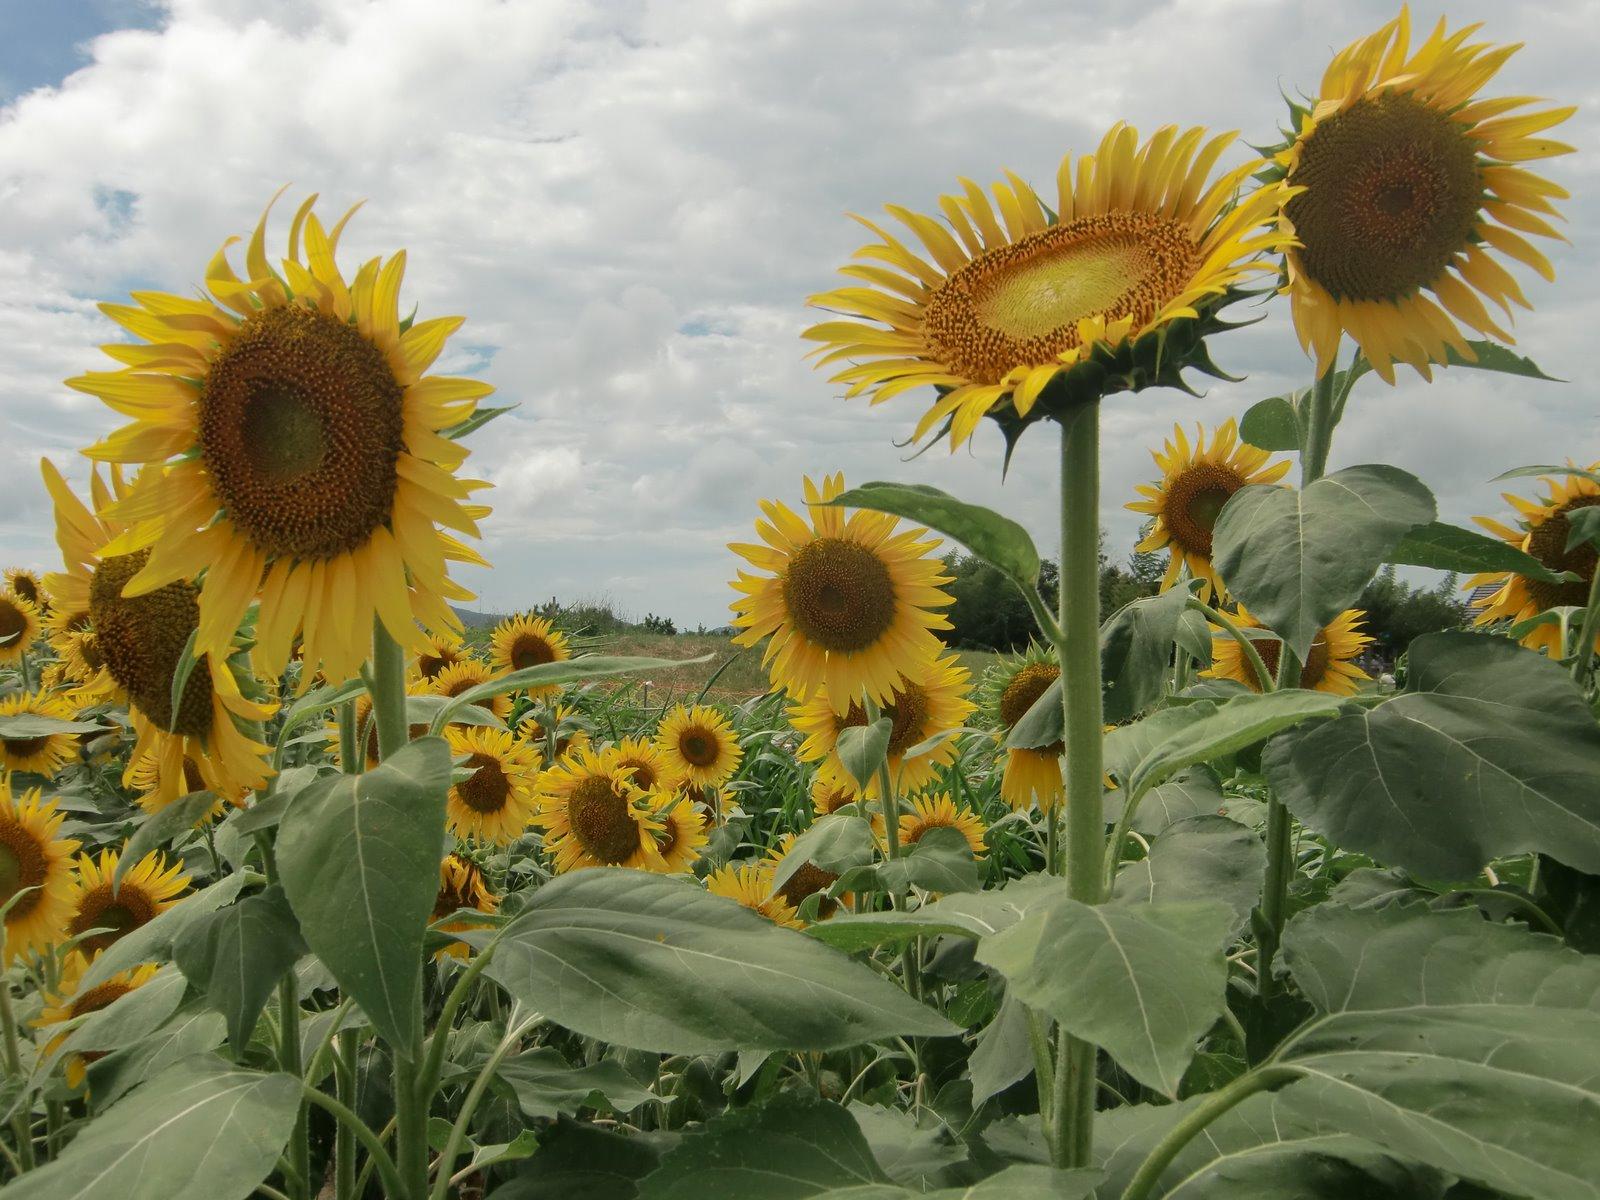 Entre gubias y maderas flores de verano - Flores de verano ...